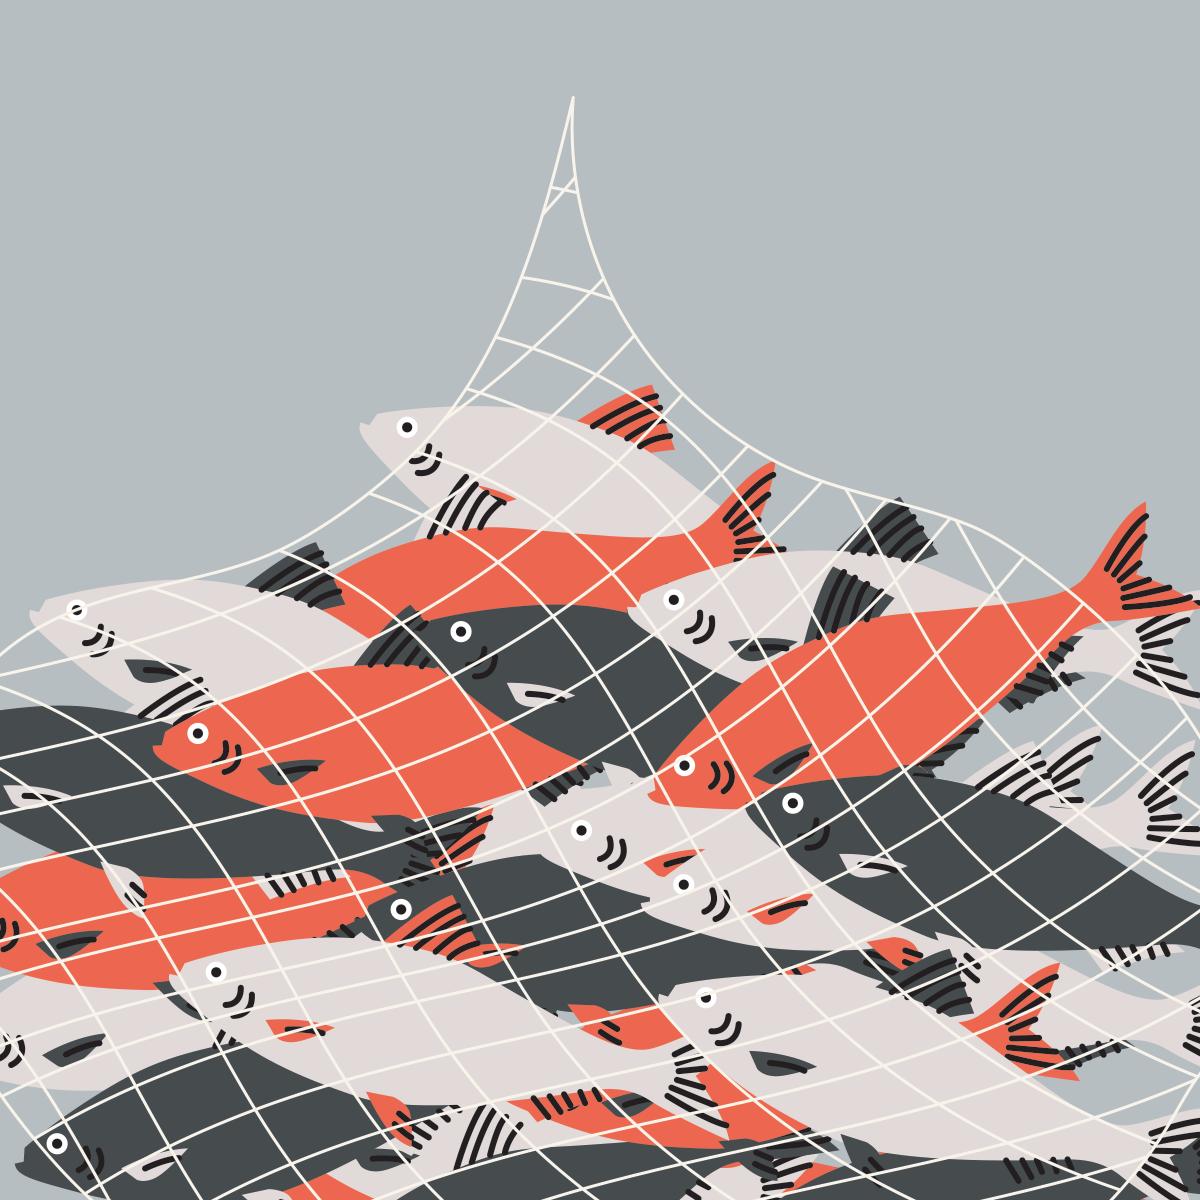 72 overfishing